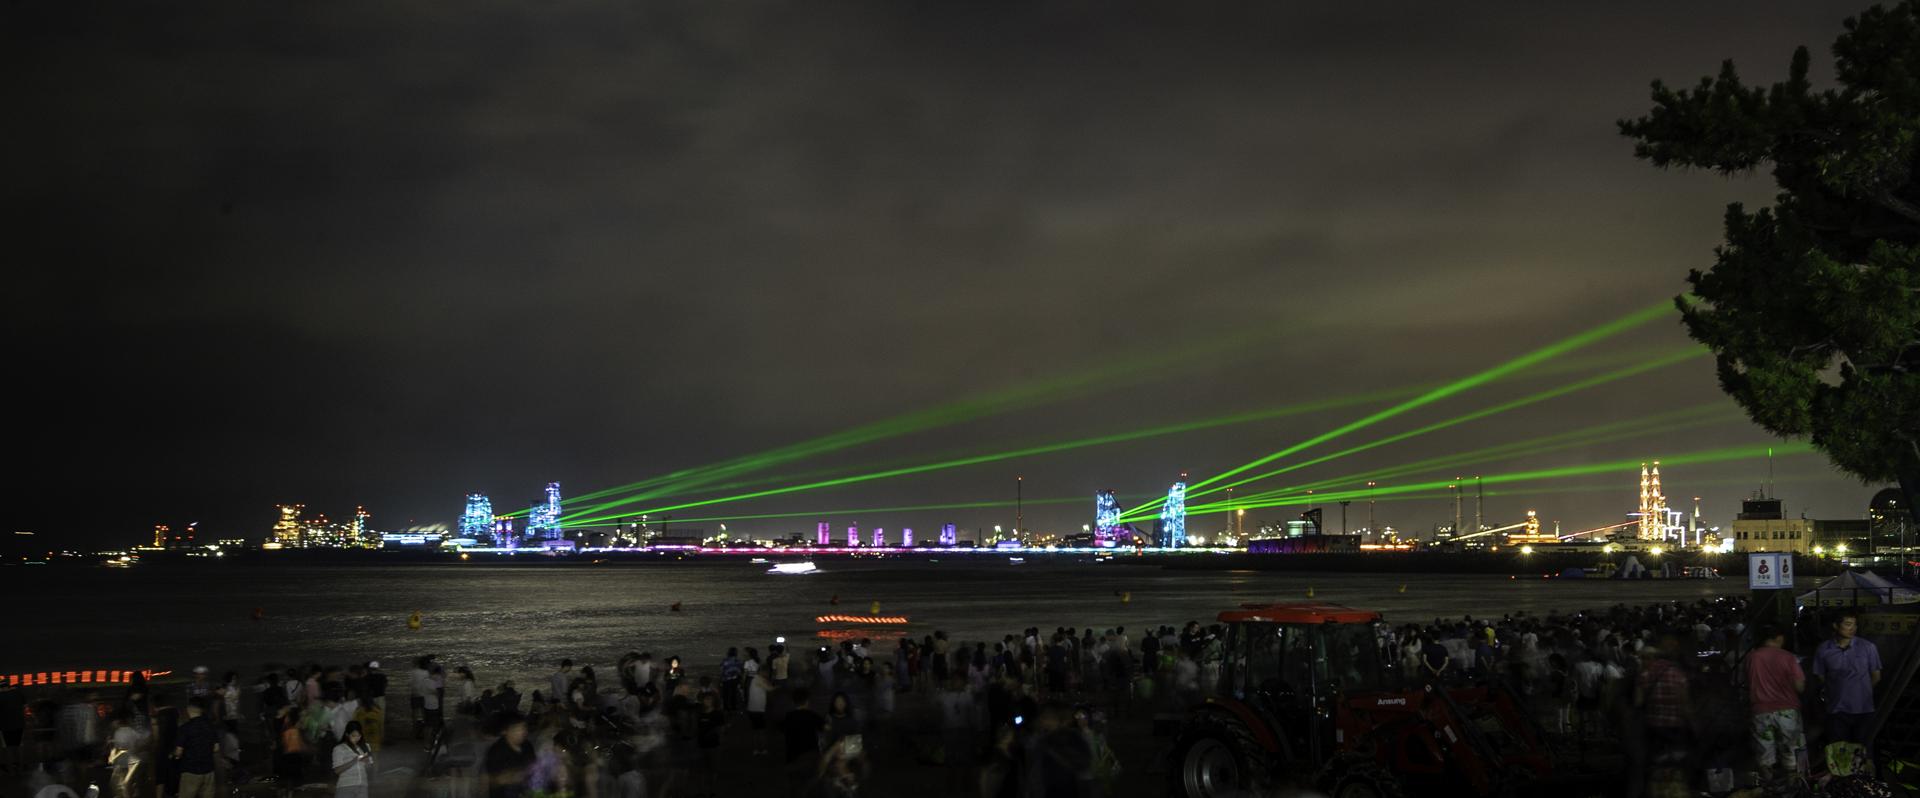 2018 포항 국제 불빛 축제 반짝반짝 퐝퐝쇼1 수많은 인파로부터 멀리 떨어진 곳에서 직사광선이 쏟아져 나오고 있다.